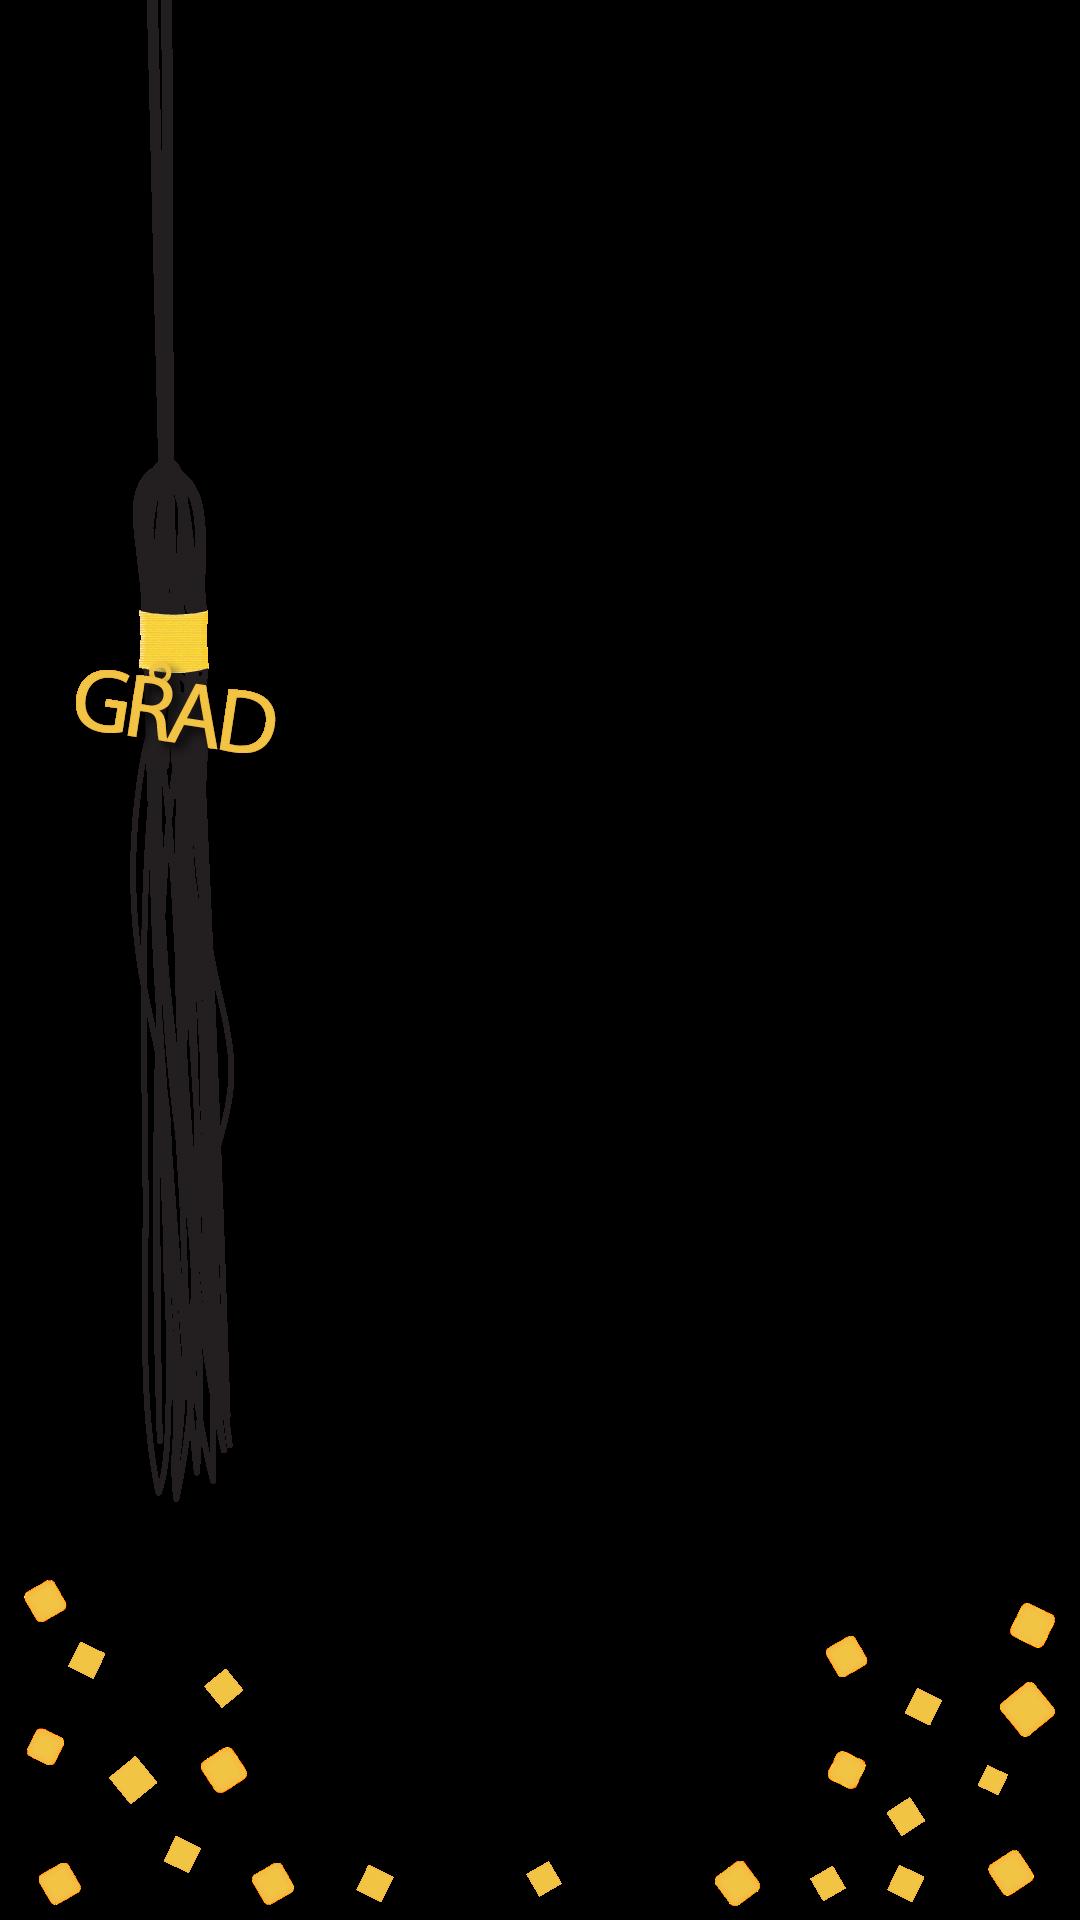 Graduation Tassel Graduation Snapchat Filter.